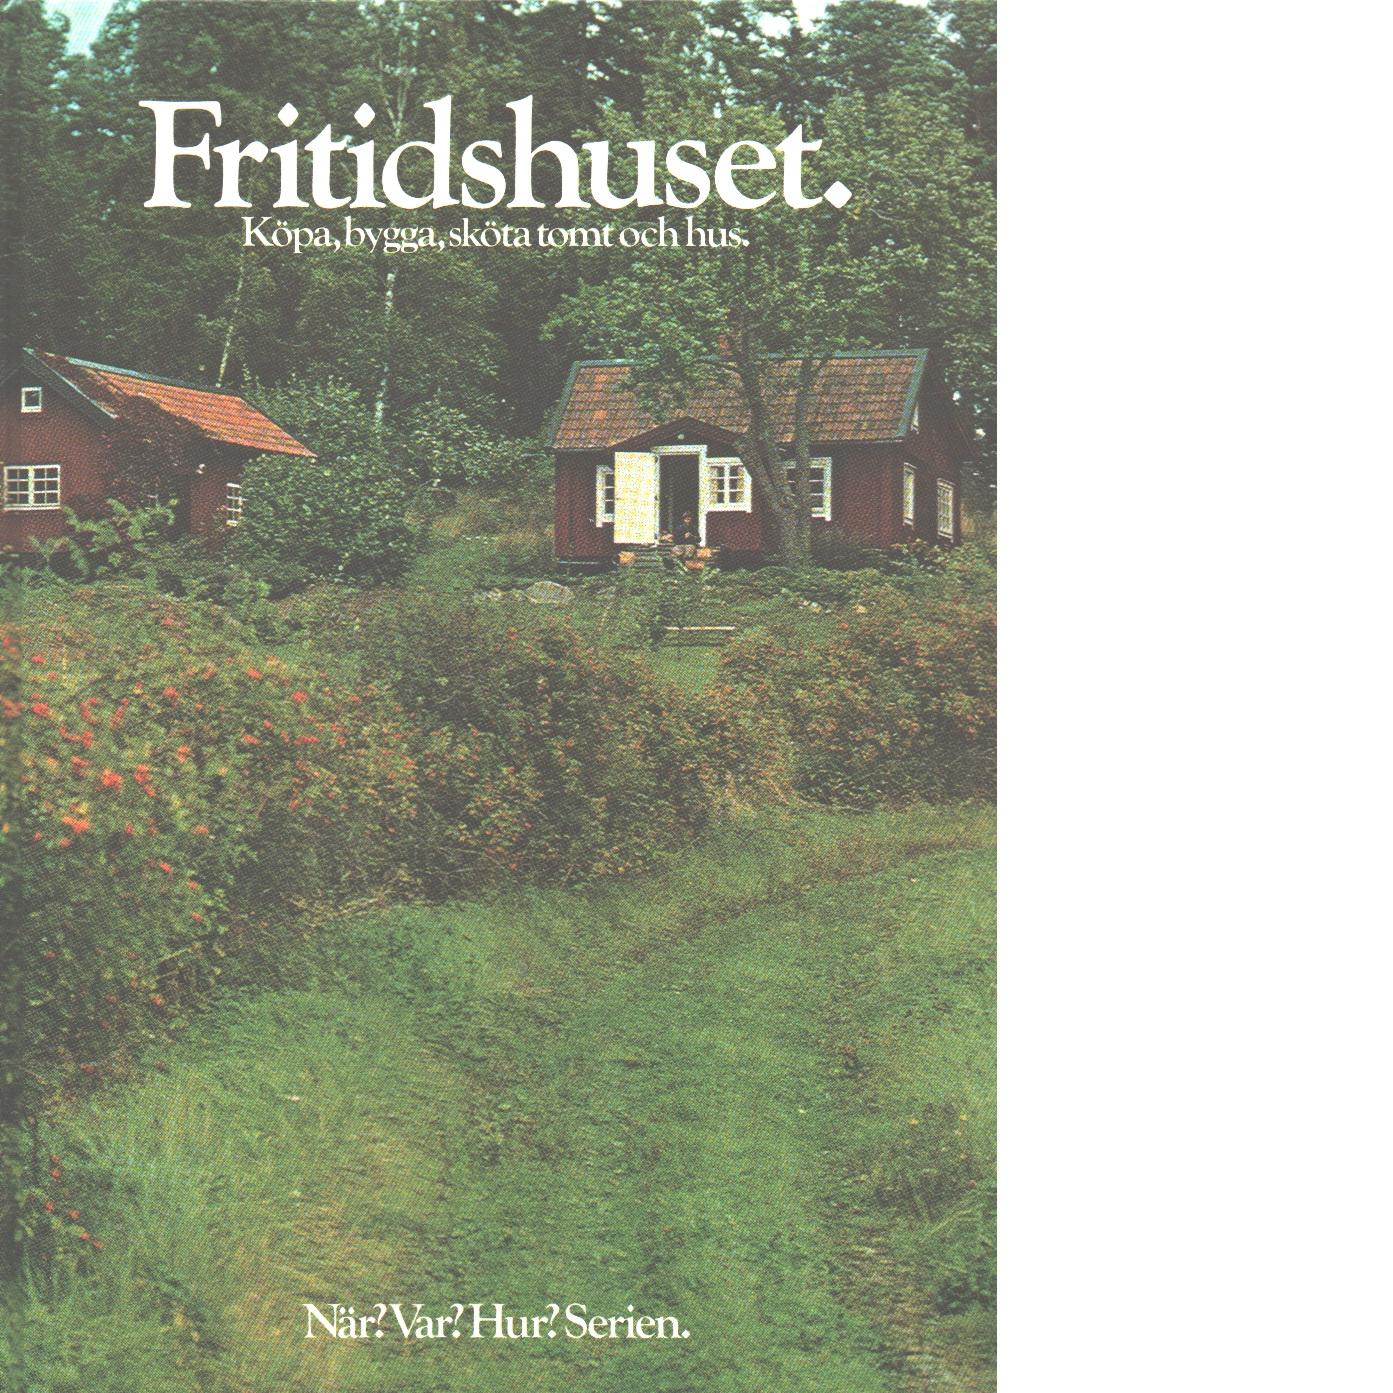 Fritidshuset : köpa, bygga, sköta tomt och hus - Red.